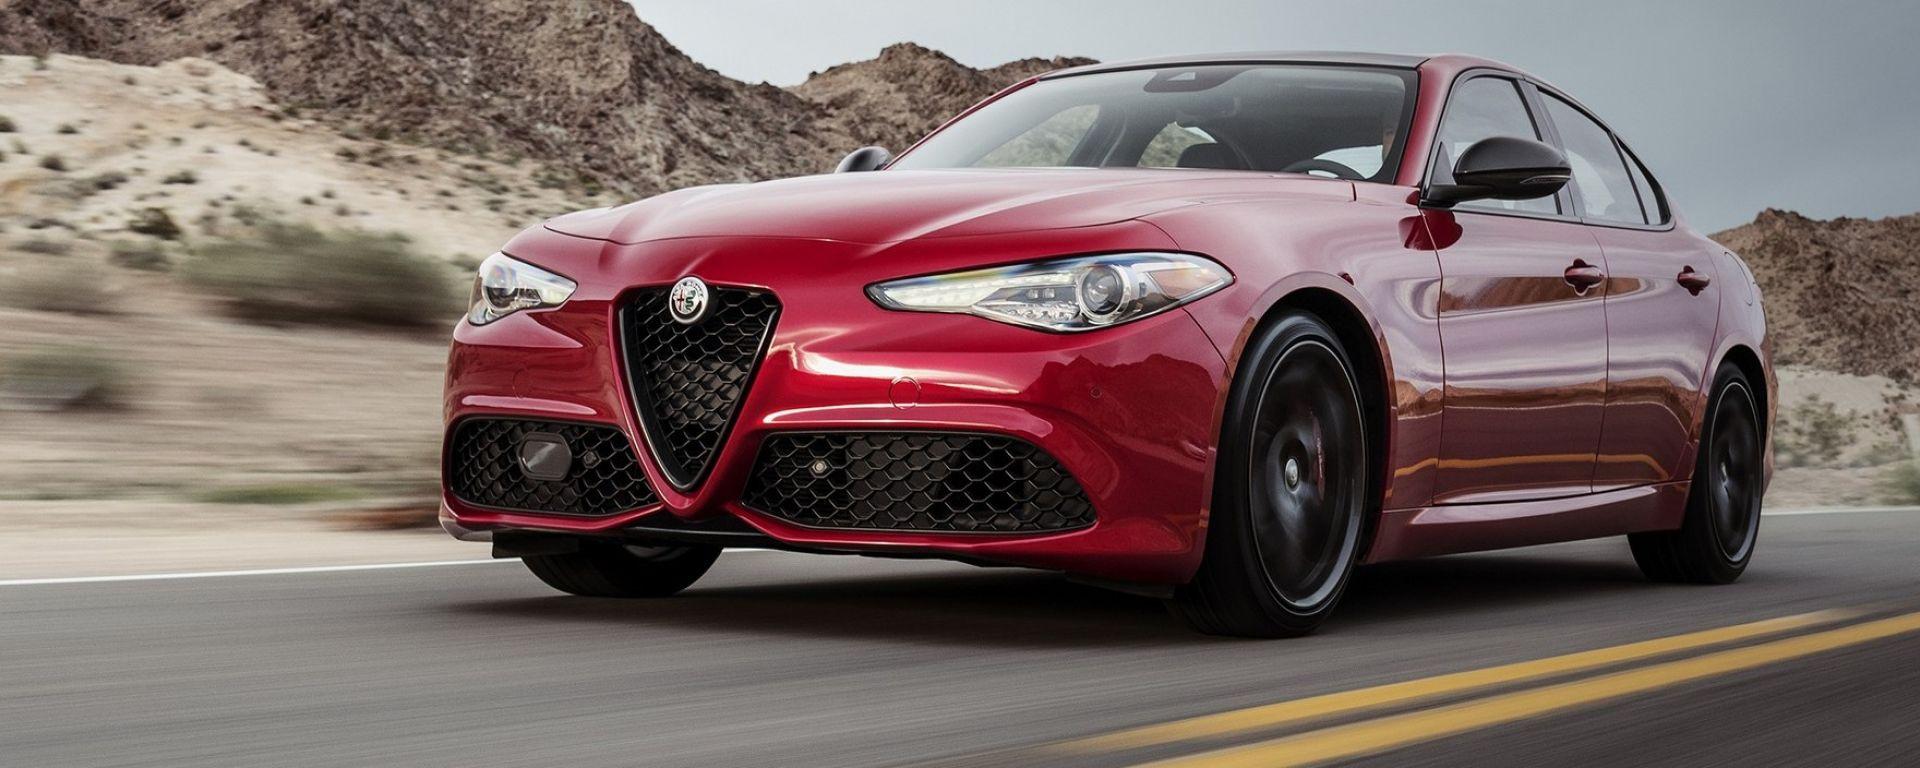 Alfa Romeo Giulia: più cattiva al salone di New York